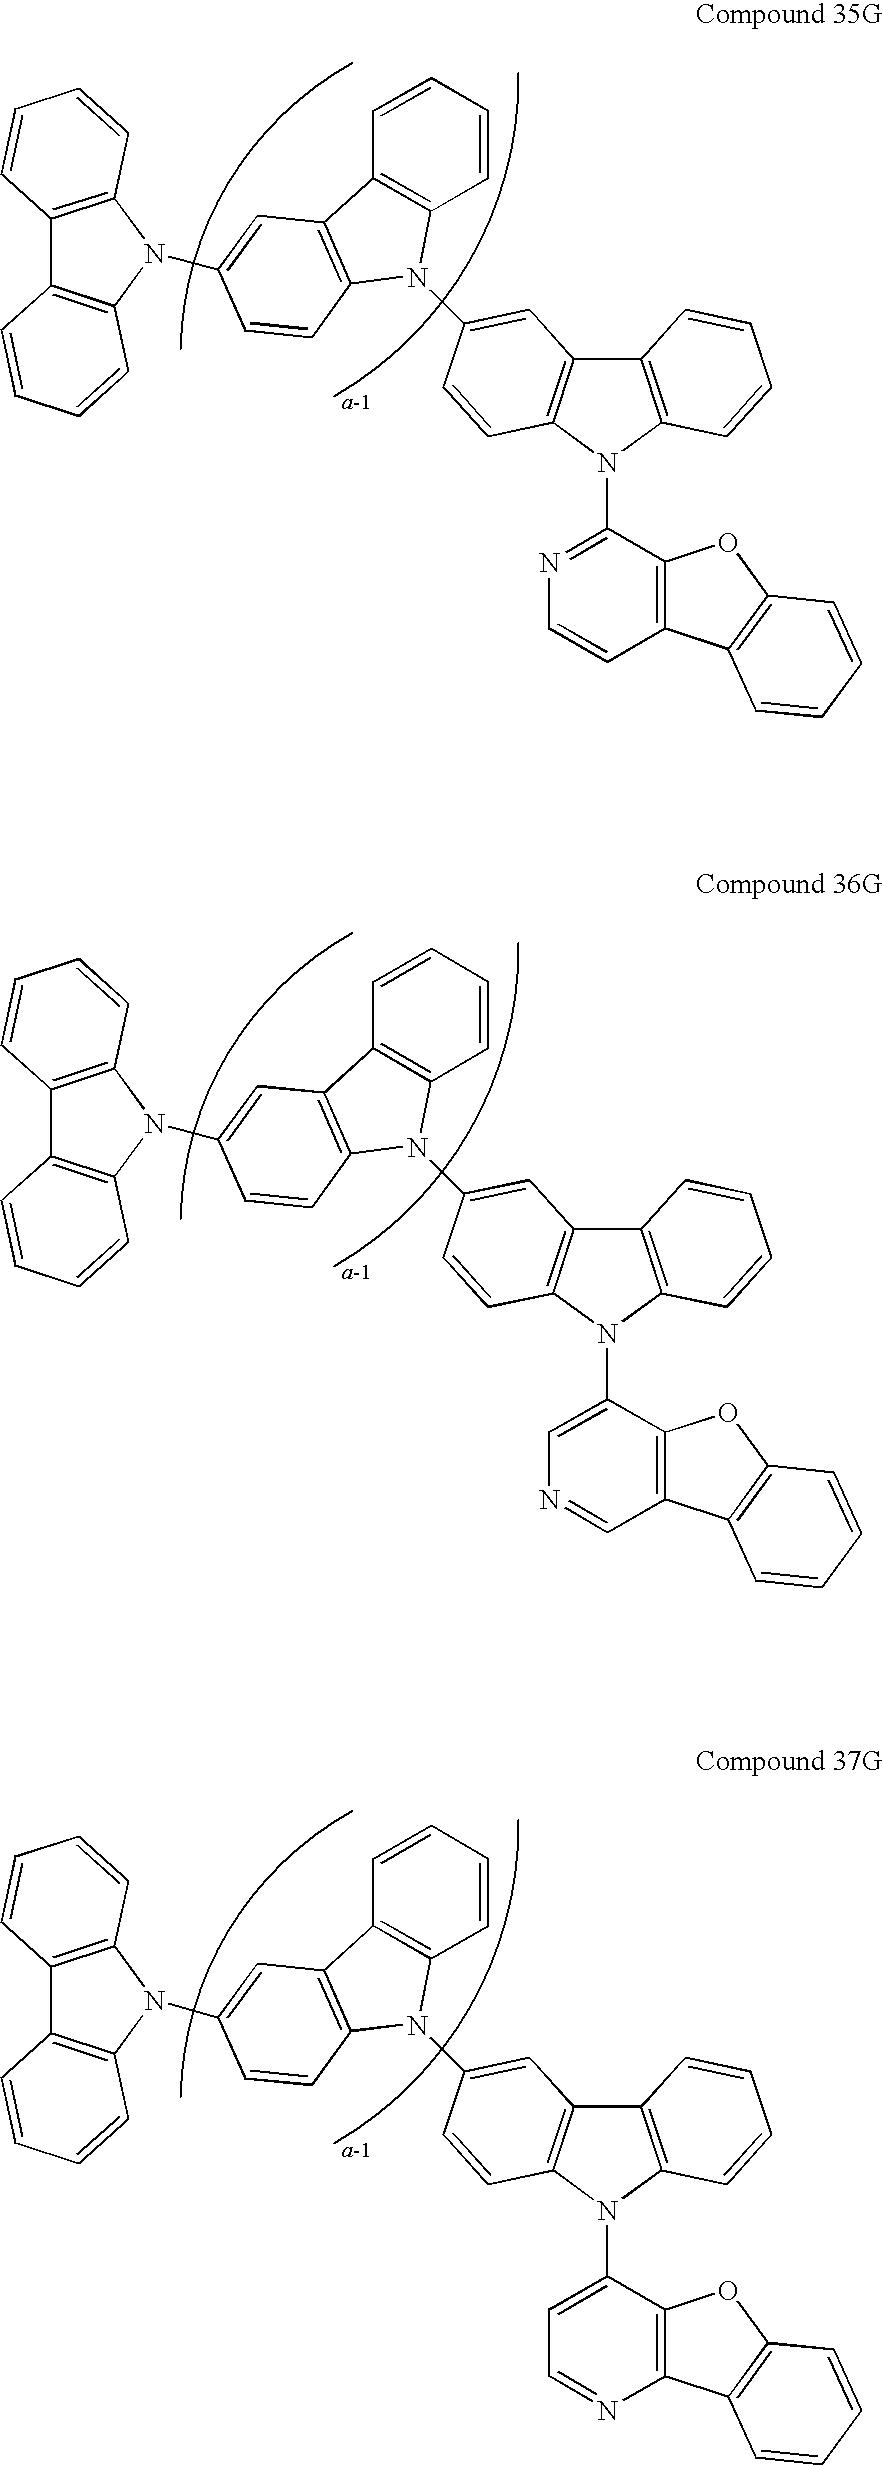 Figure US20090134784A1-20090528-C00188